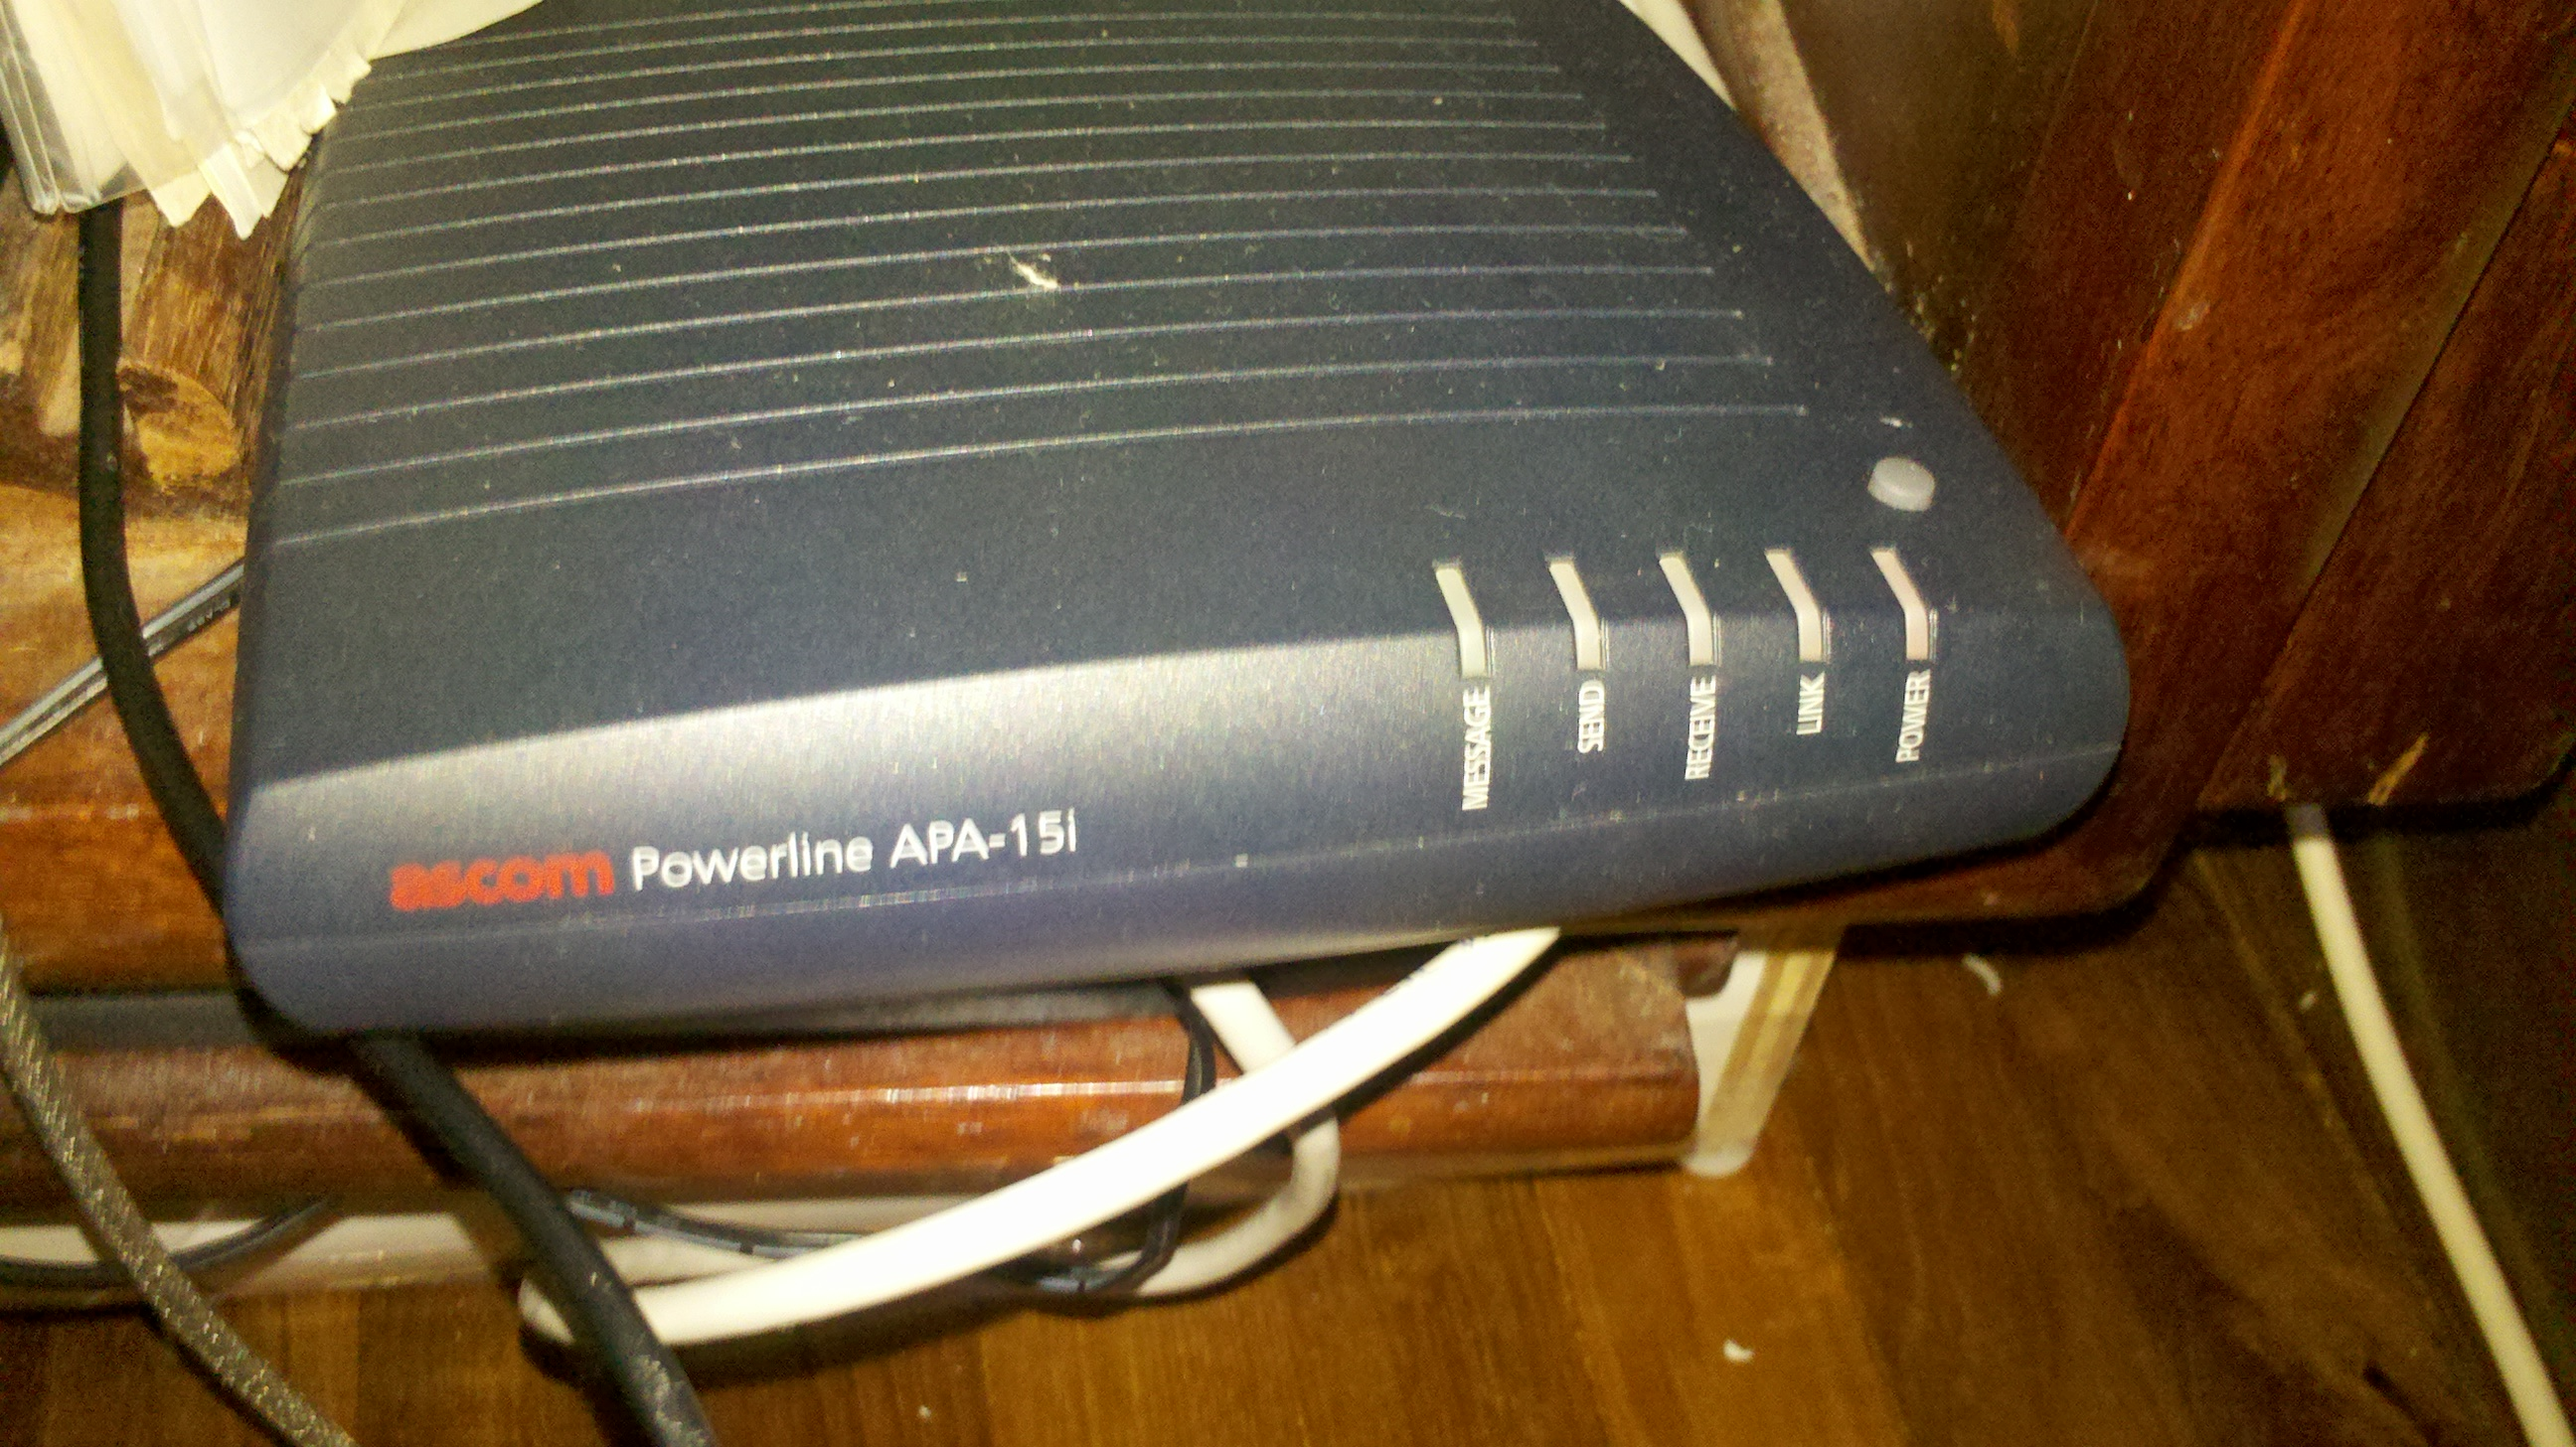 和記 電聯寬頻router - 網絡寬頻 - 電腦領域 HKEPC Hardware - 全港 No.1 PC討論區